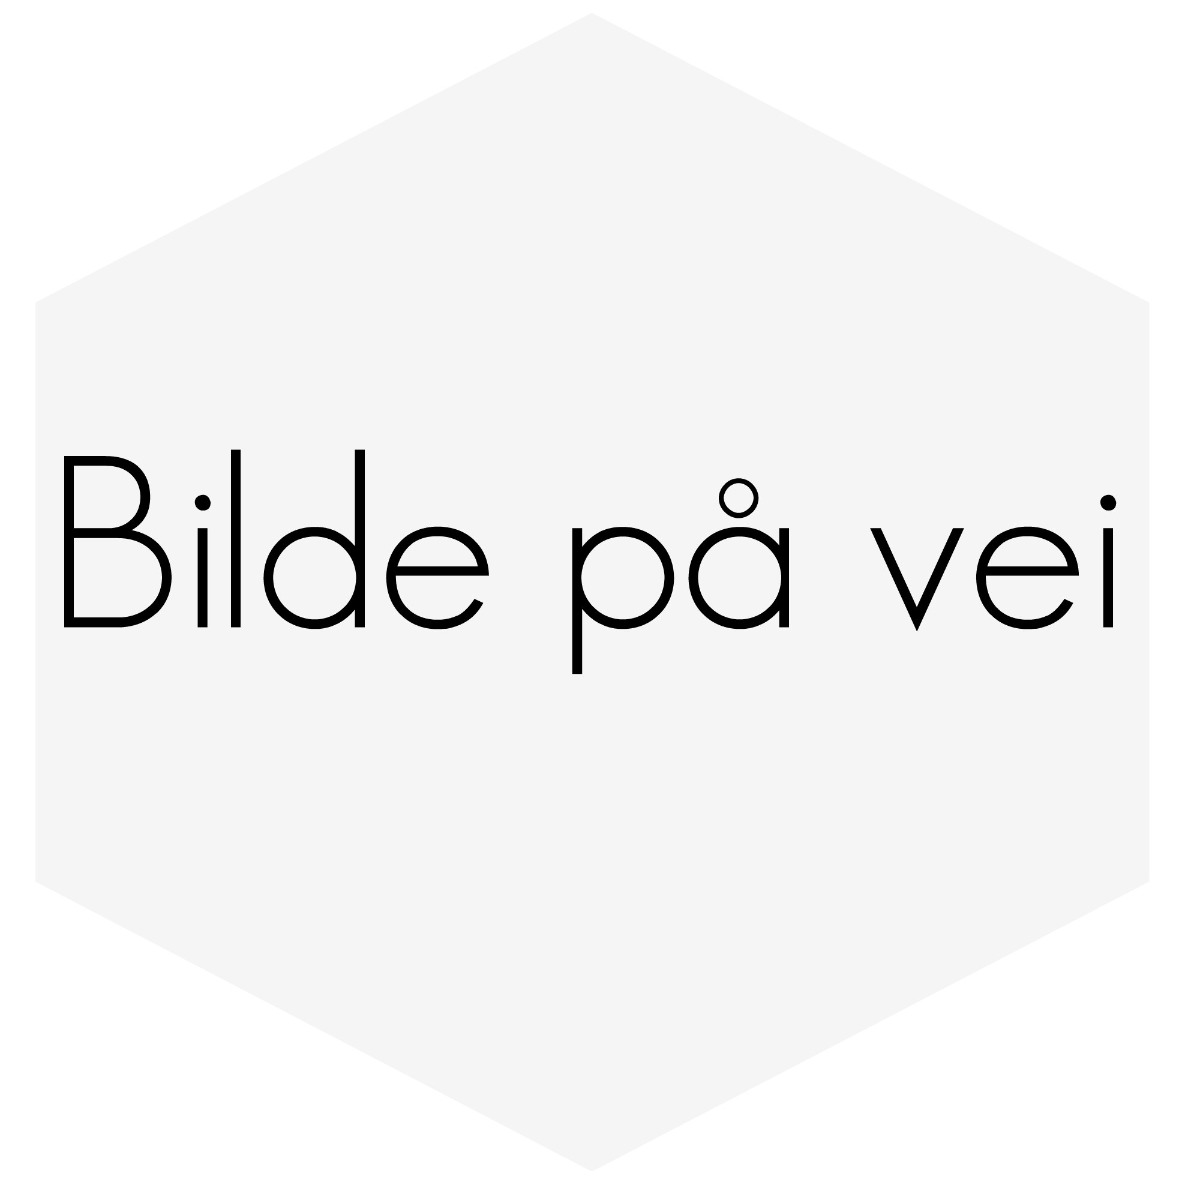 HOVEDLAMPE S80 VOLVO 1998-2003 CROM VERSJON HØYRE